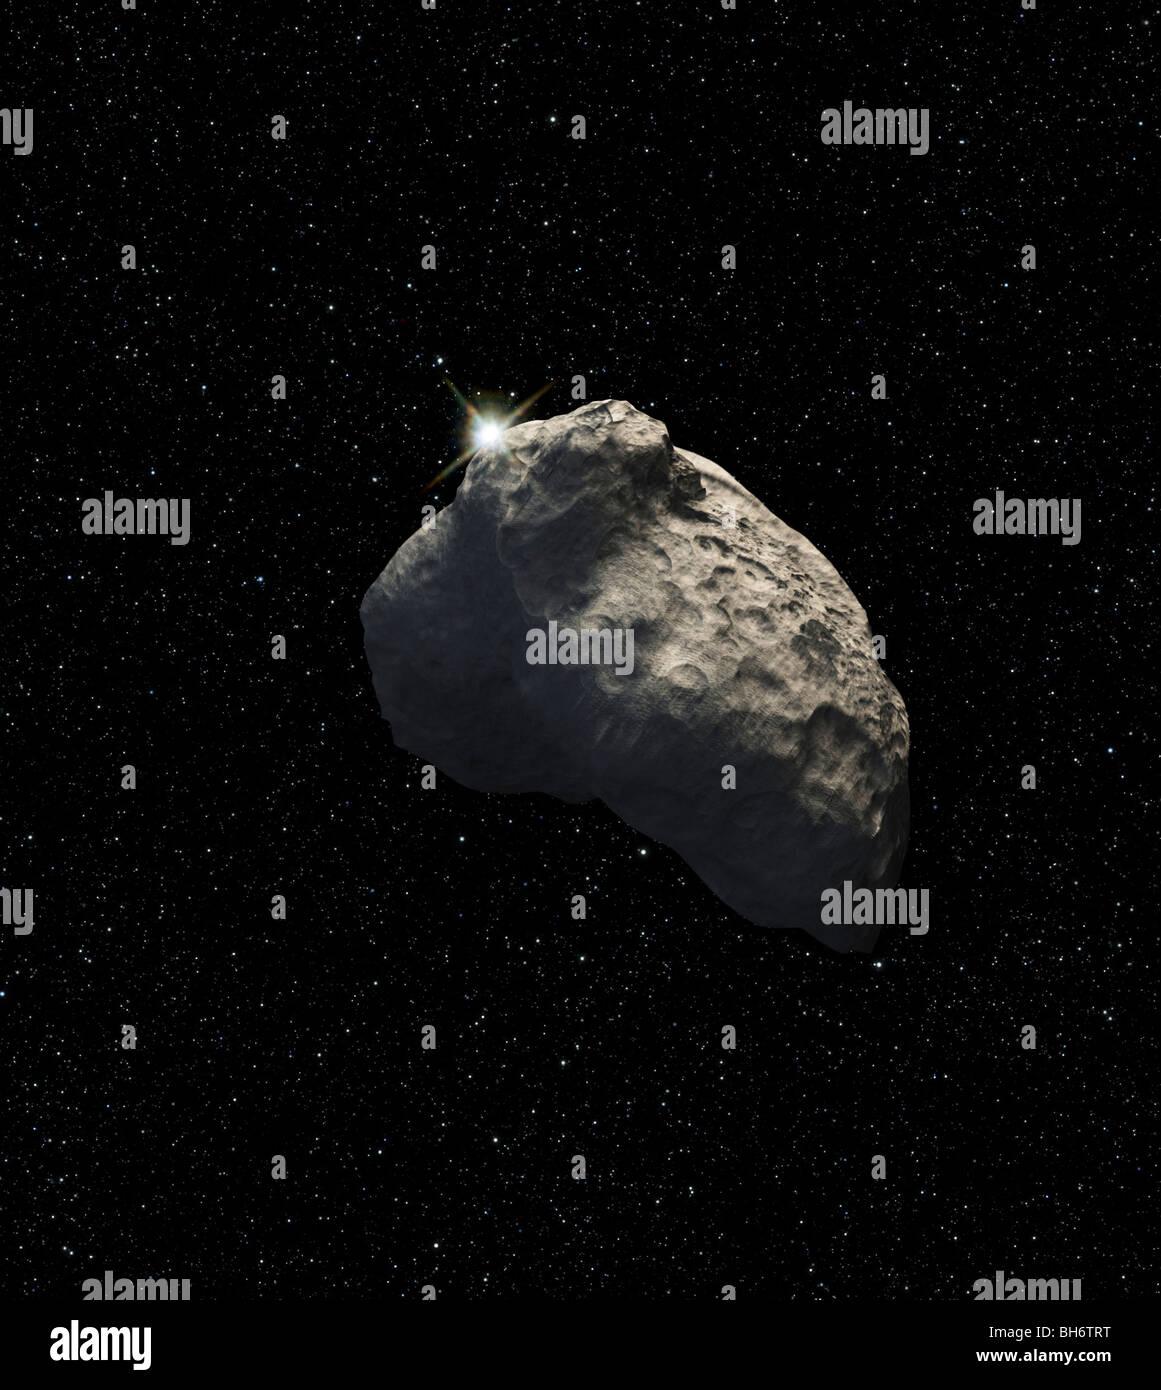 Une vue d'artiste d'un demi-mile de diamètre de l'objet de la ceinture de Kuiper. Photo Stock